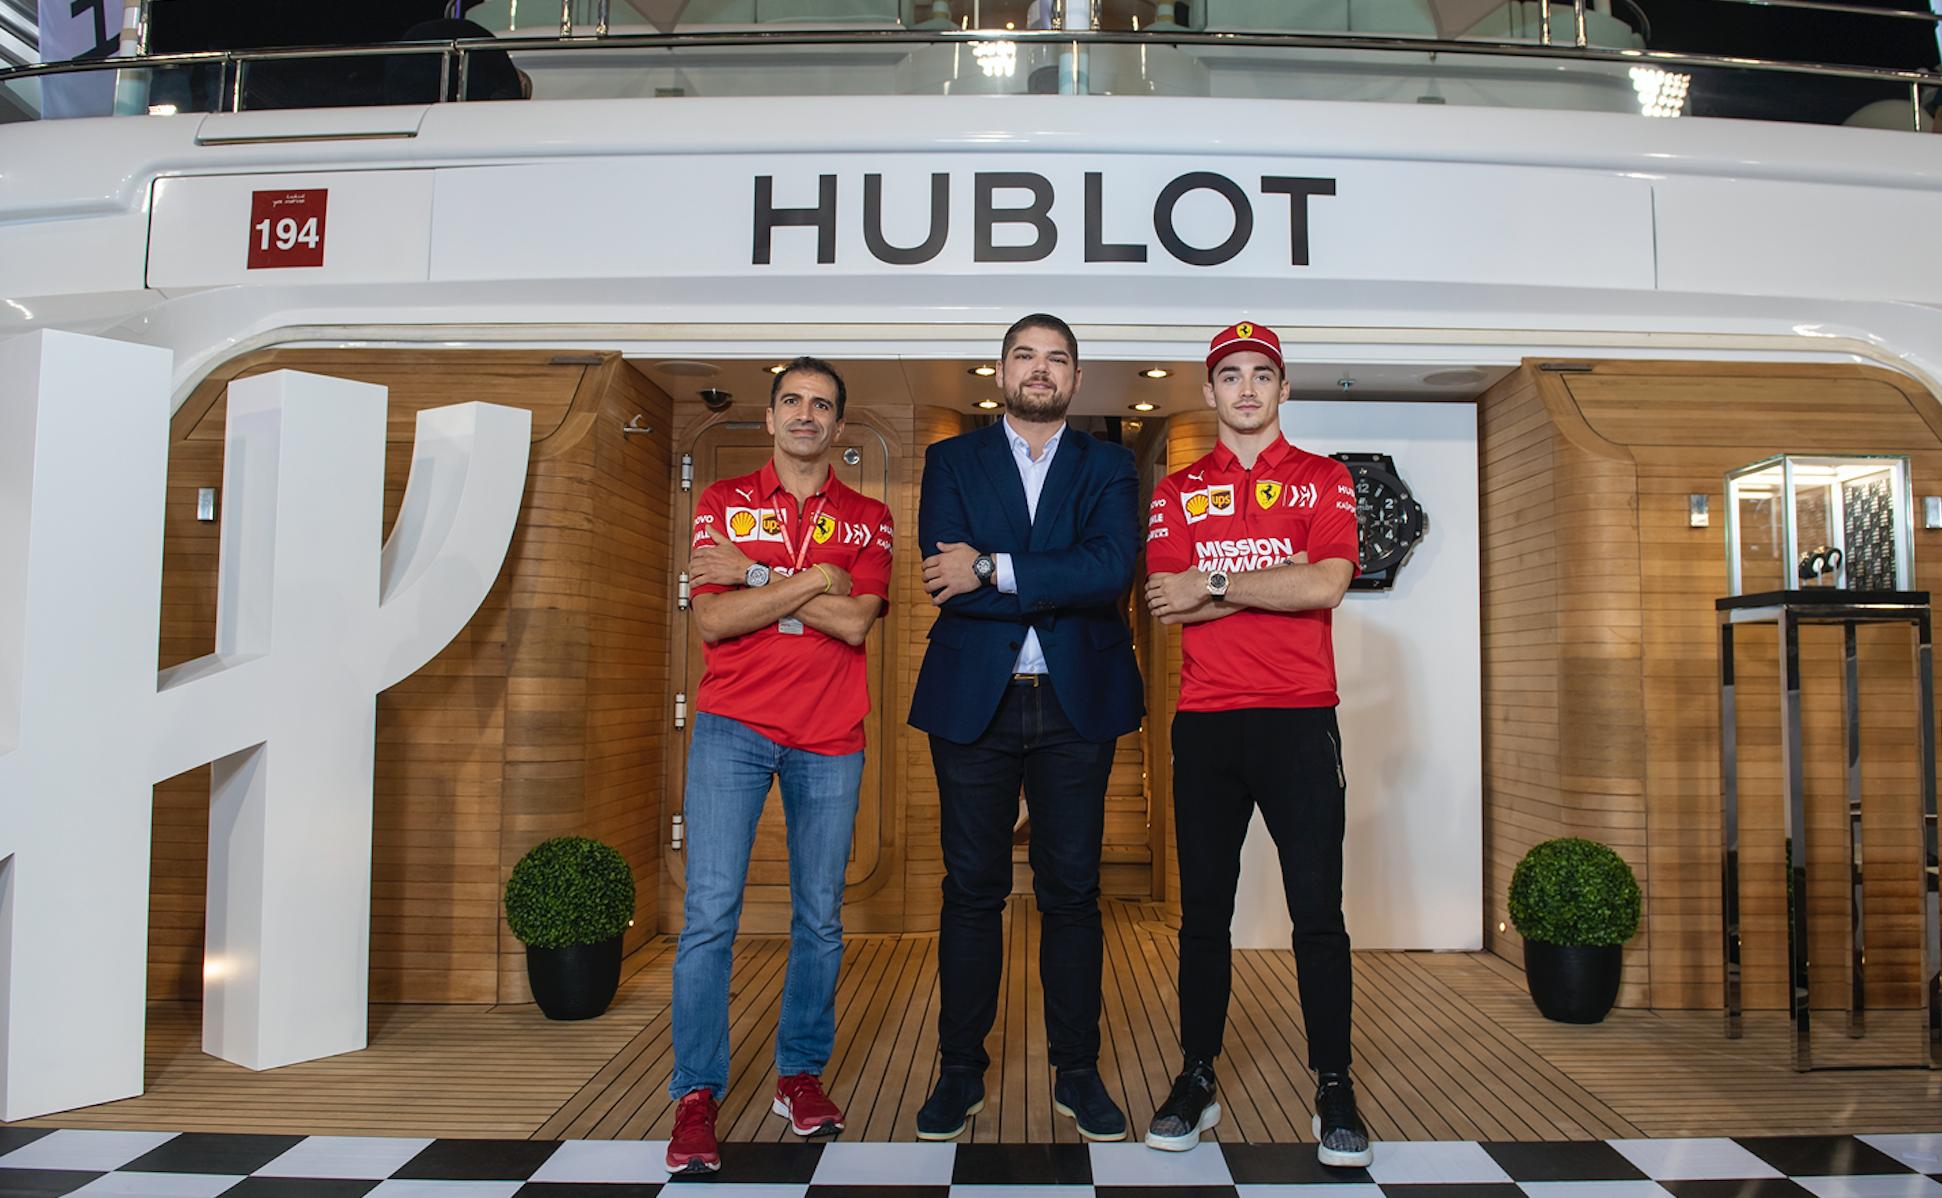 Hublot y el 90 aniversario de Scuderia Ferrari